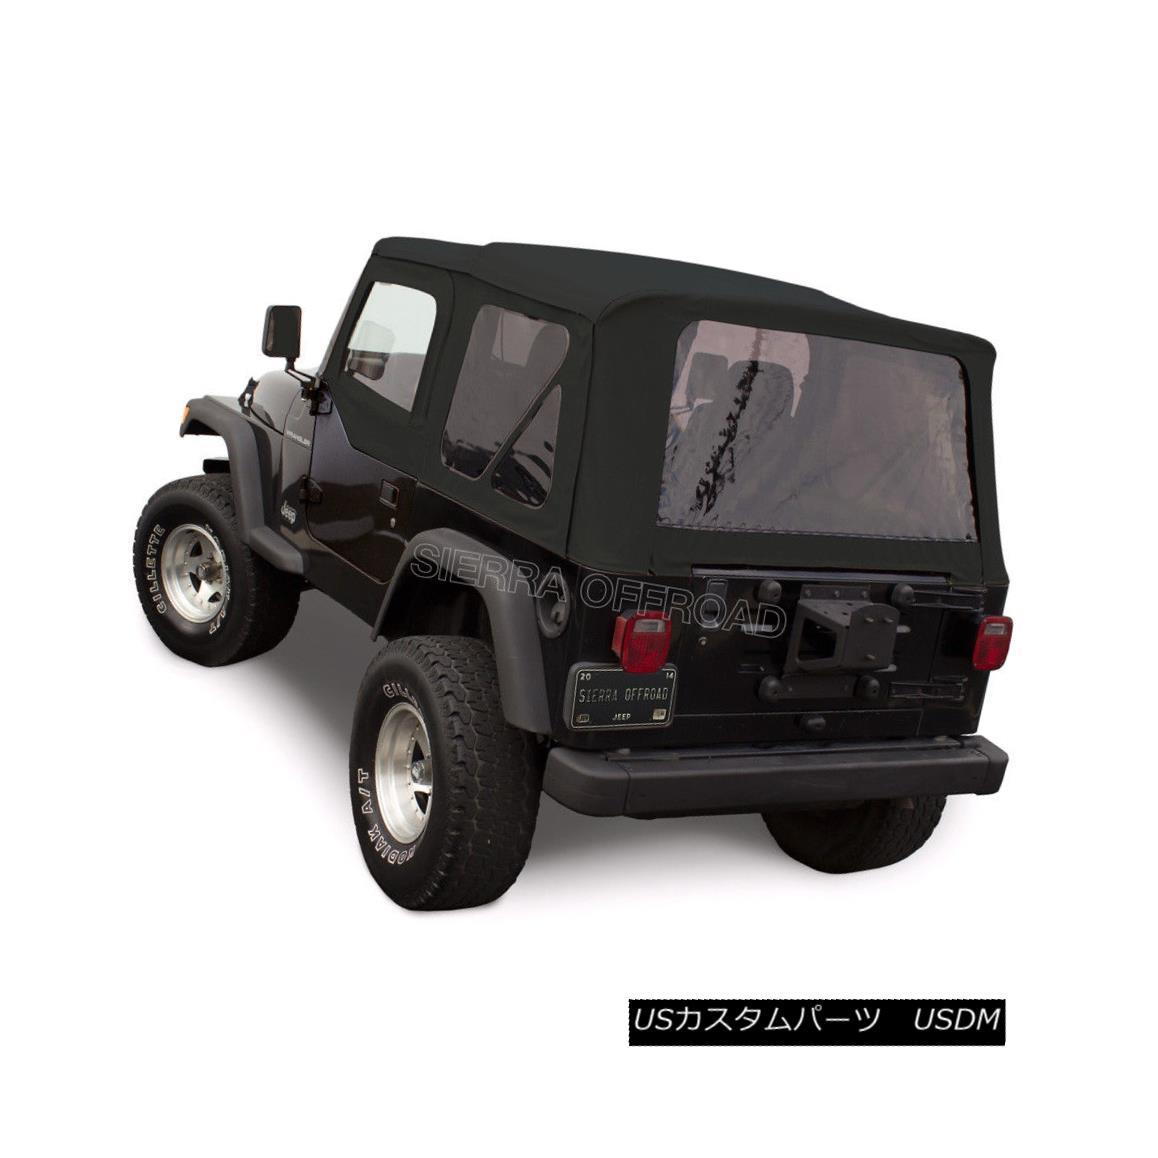 幌・ソフトトップ Jeep Wrangler TJ Soft Top, 1997-02, Tinted Windows, Upper Doors, Black Sailcloth ジープラングラーTJソフトトップ、1997-02、ティンテッドウインドウ、アッパードア、ブラックセイルクロス